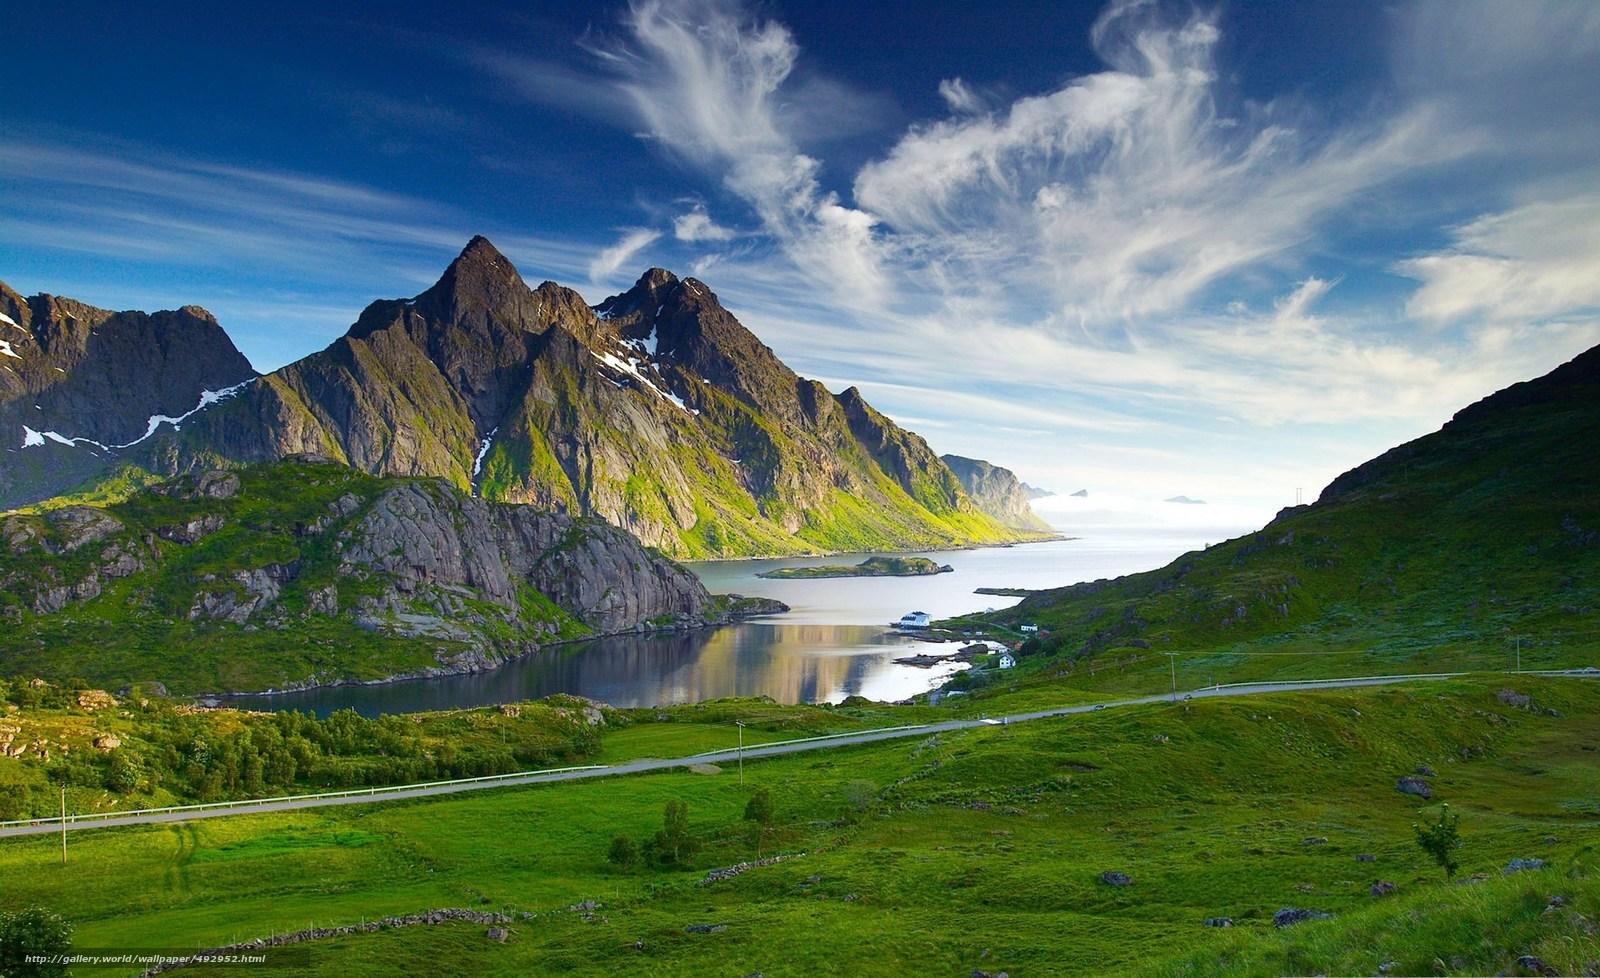 Скачать обои горы,  дорога,  озеро,  пейзаж бесплатно для рабочего стола в разрешении 2560x1565 — картинка №492952